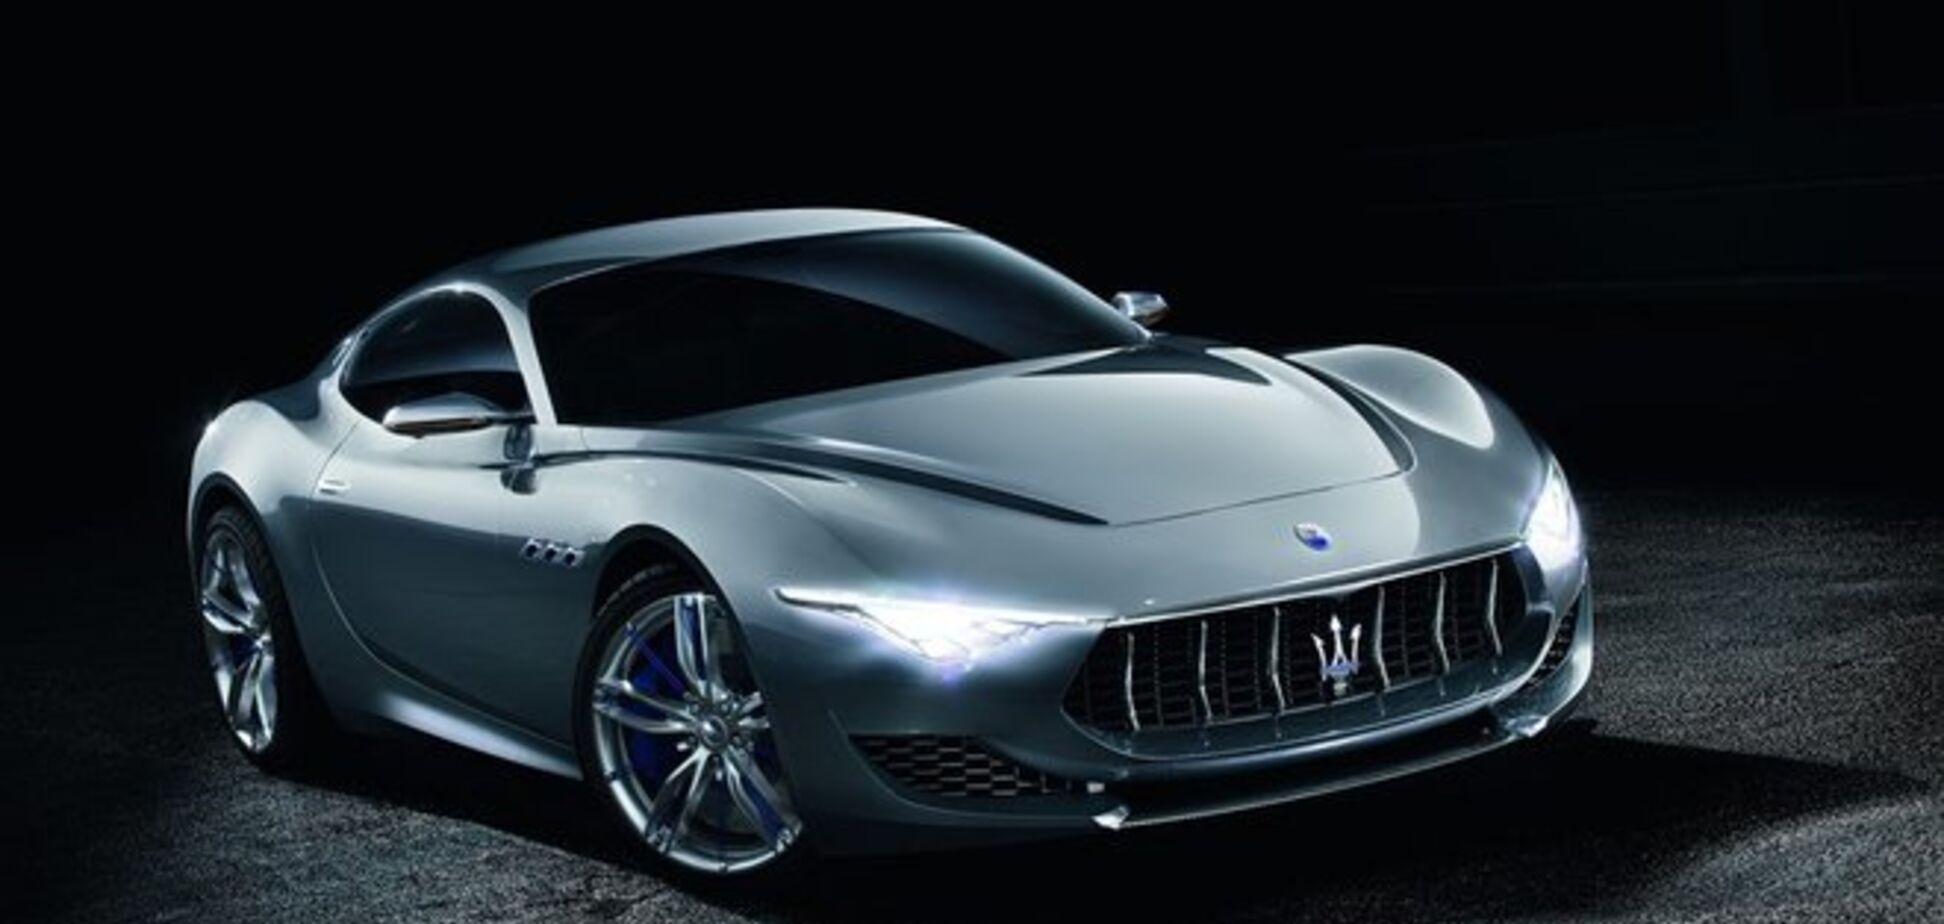 Мазерати построит новое купе, неотличимое от концепта